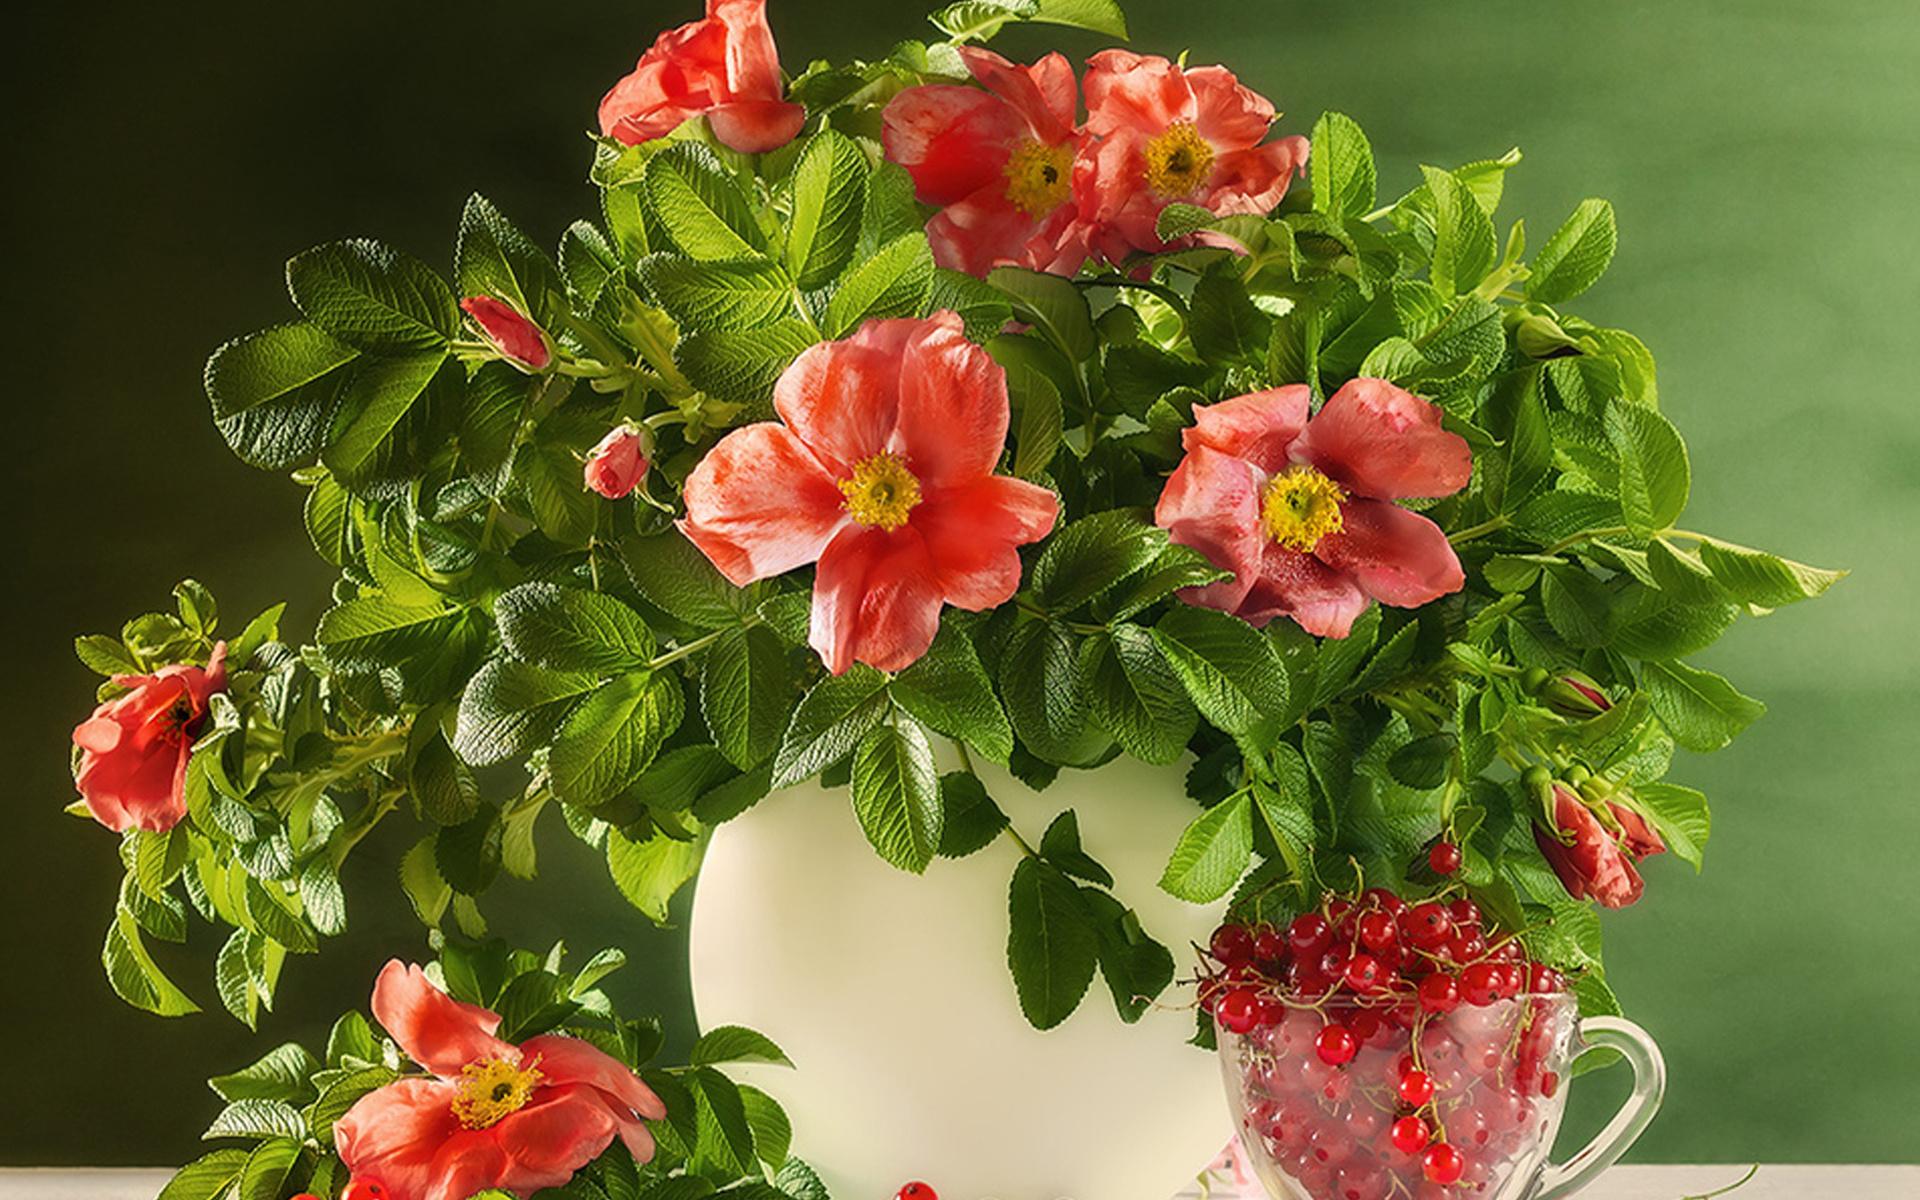 отличного настроения картинки с цветами большое количество тары